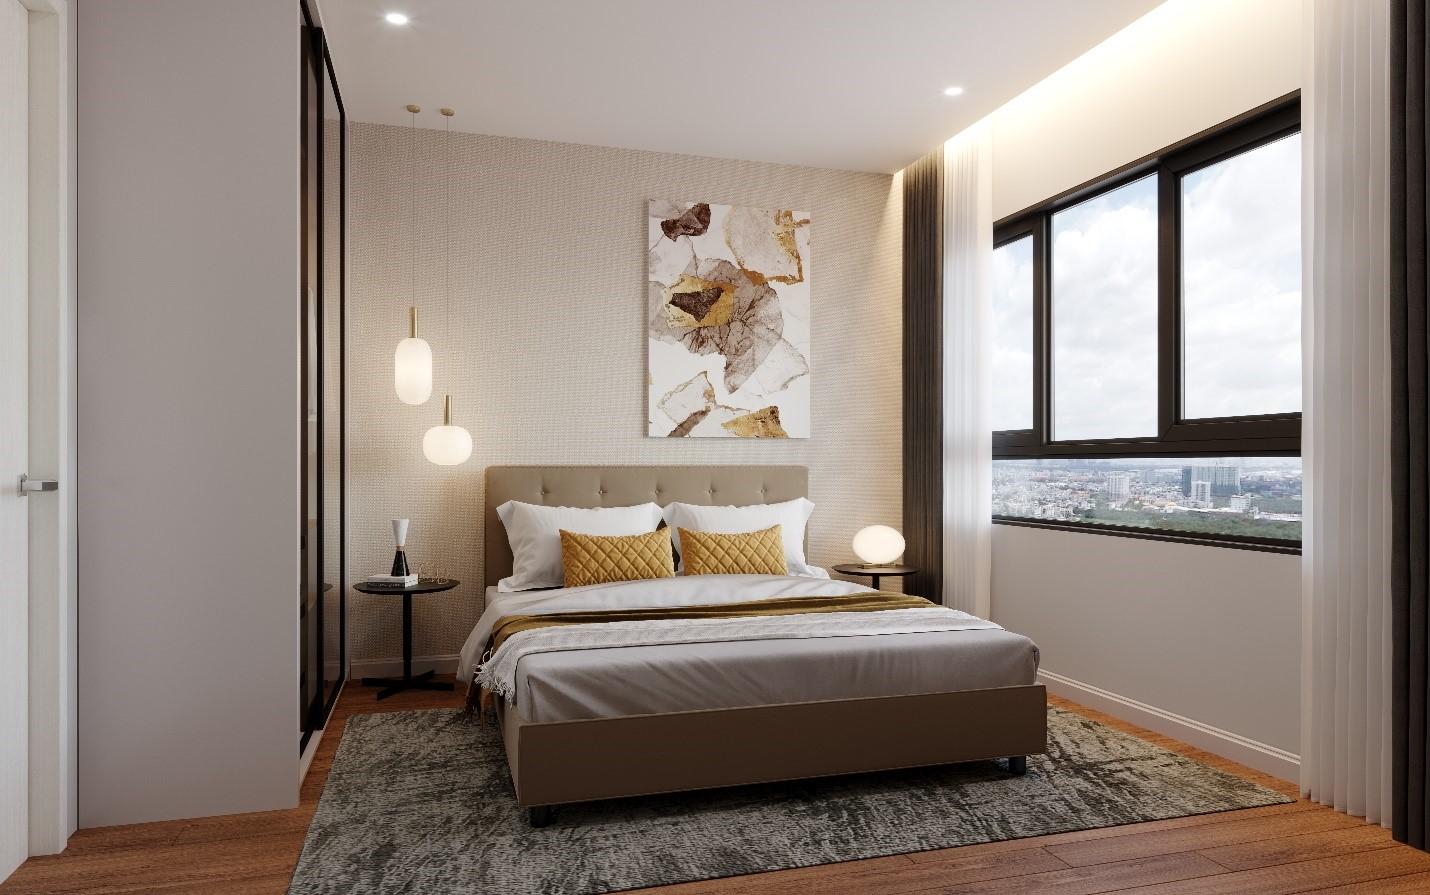 Thiết kế căn hộ 2 phòng ngủ cực thông minh cho vợ chồng trẻ - Ảnh 3